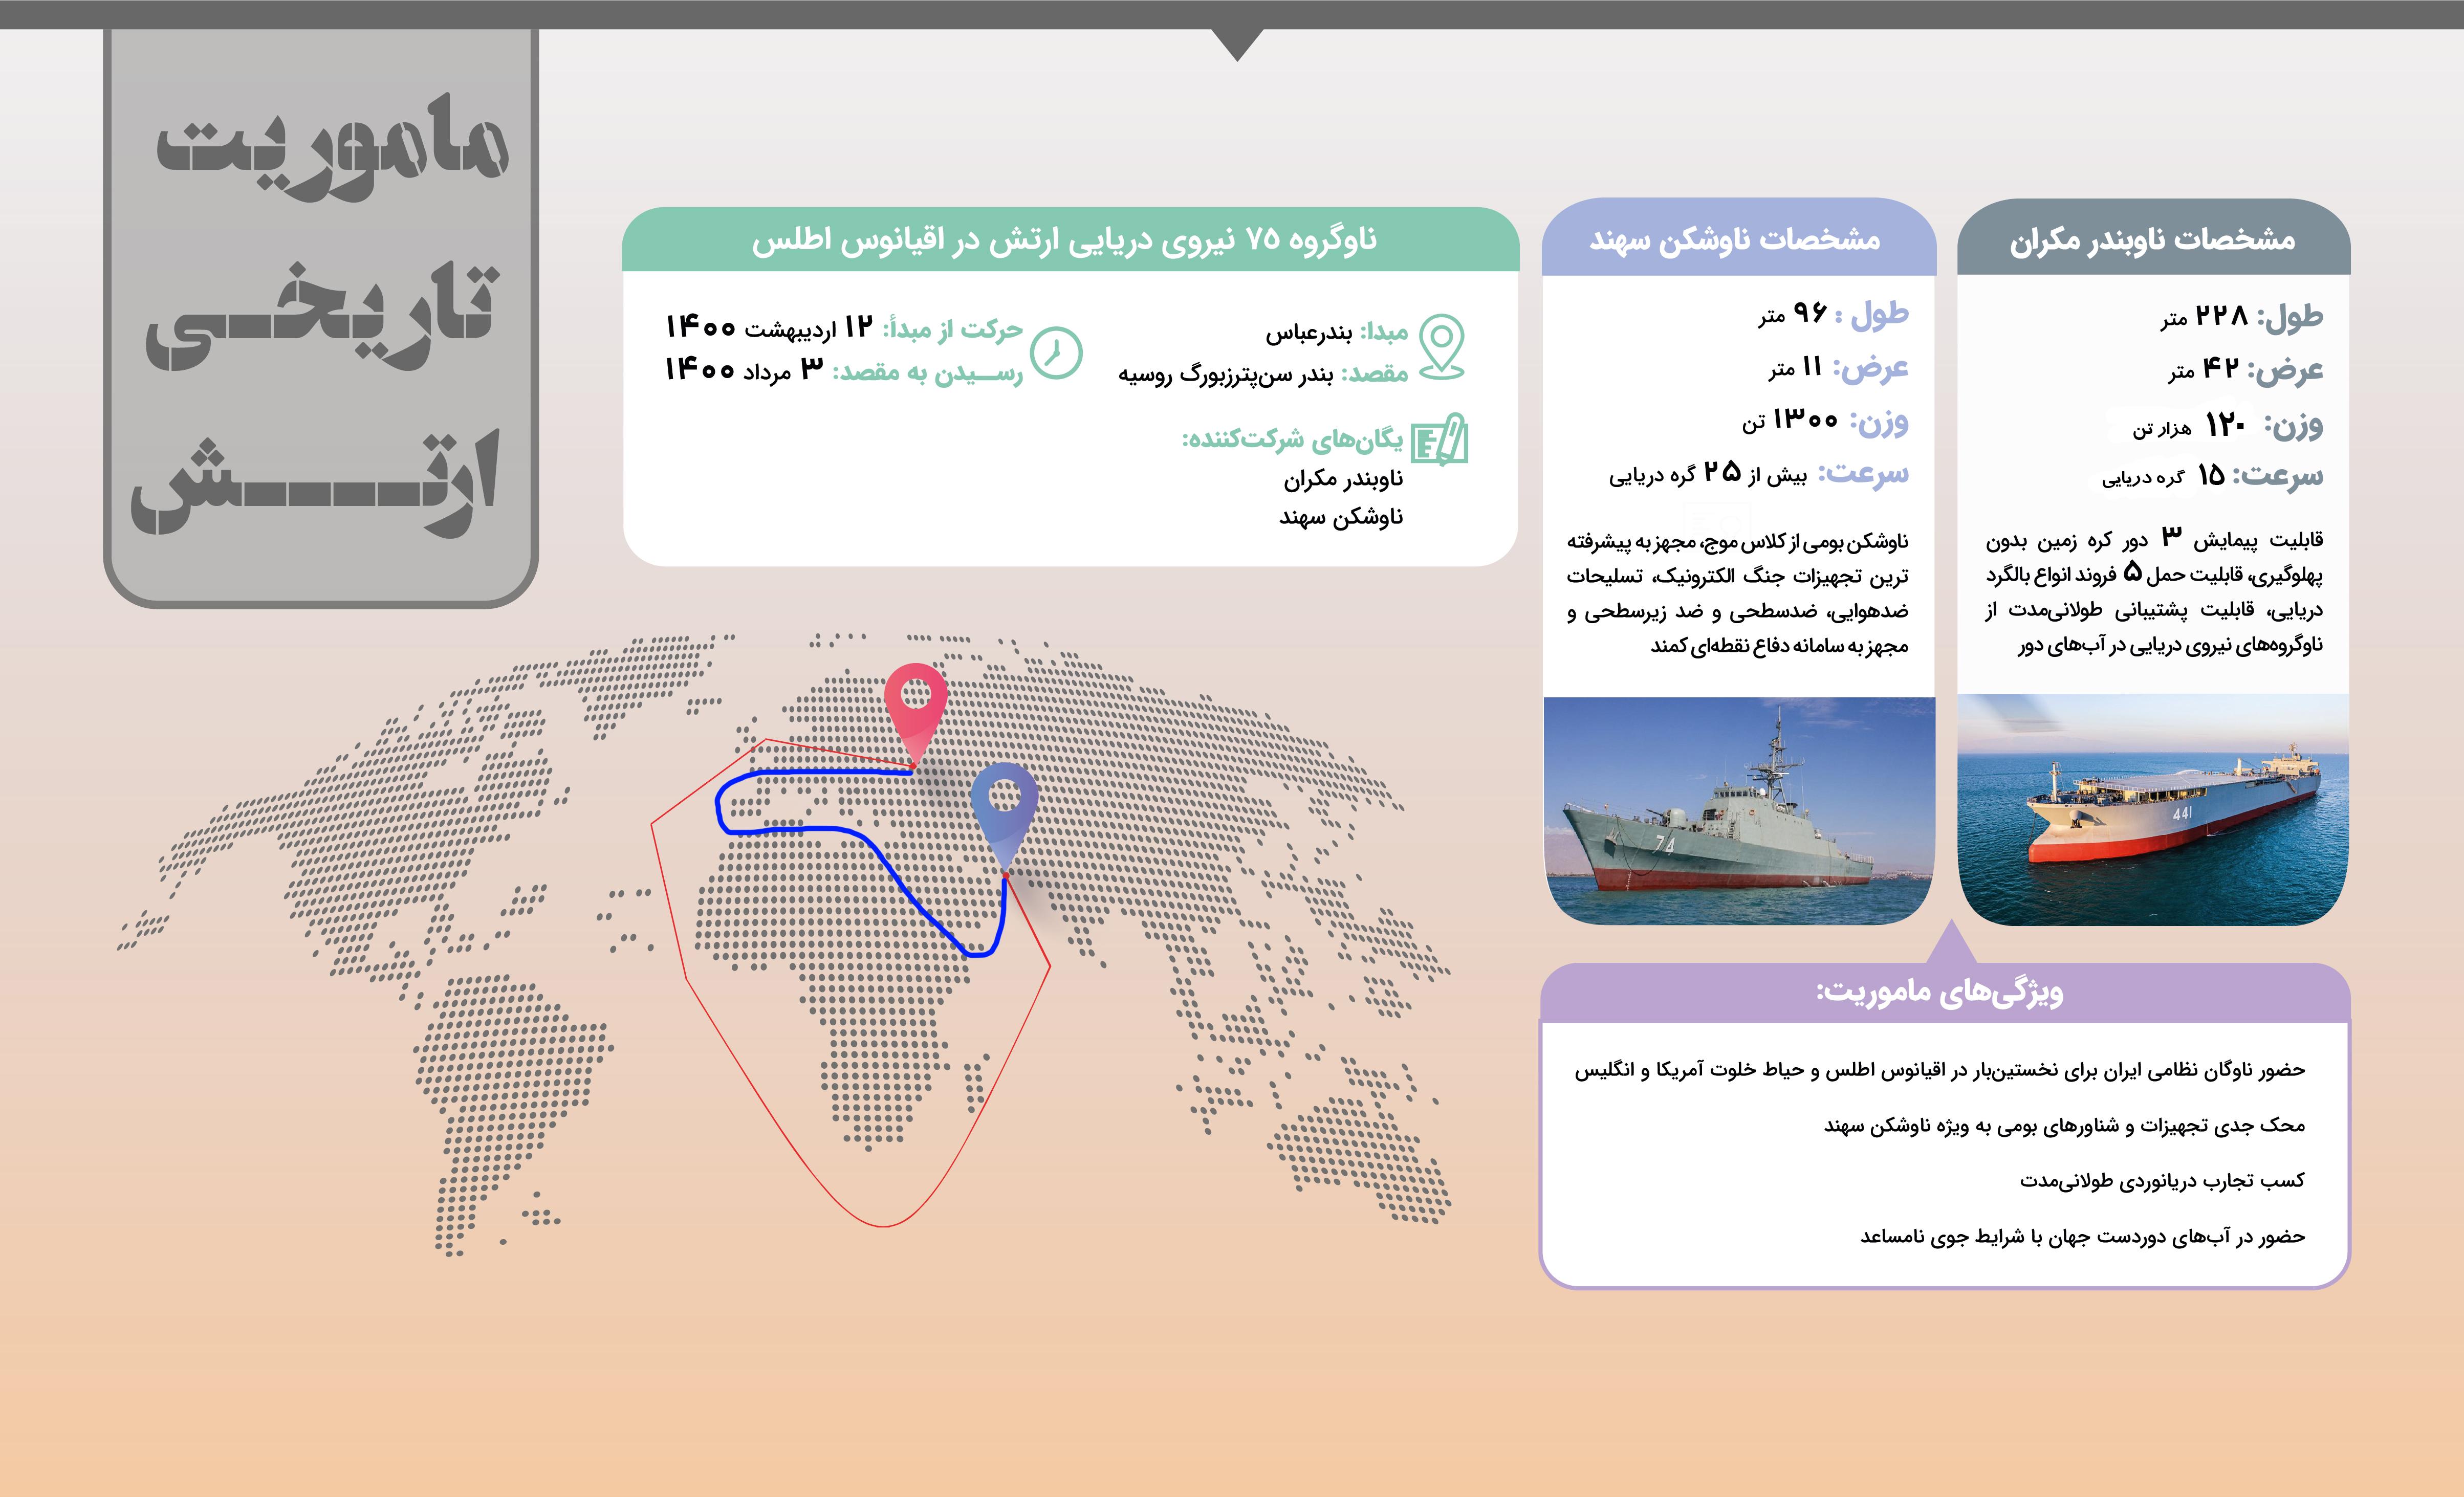 14000621000055 Test NewPhotoFree - پای ایران به حیاط خلوت آمریکا باز شد/ رستاخیز سهند در خشنترین آبهای جهان